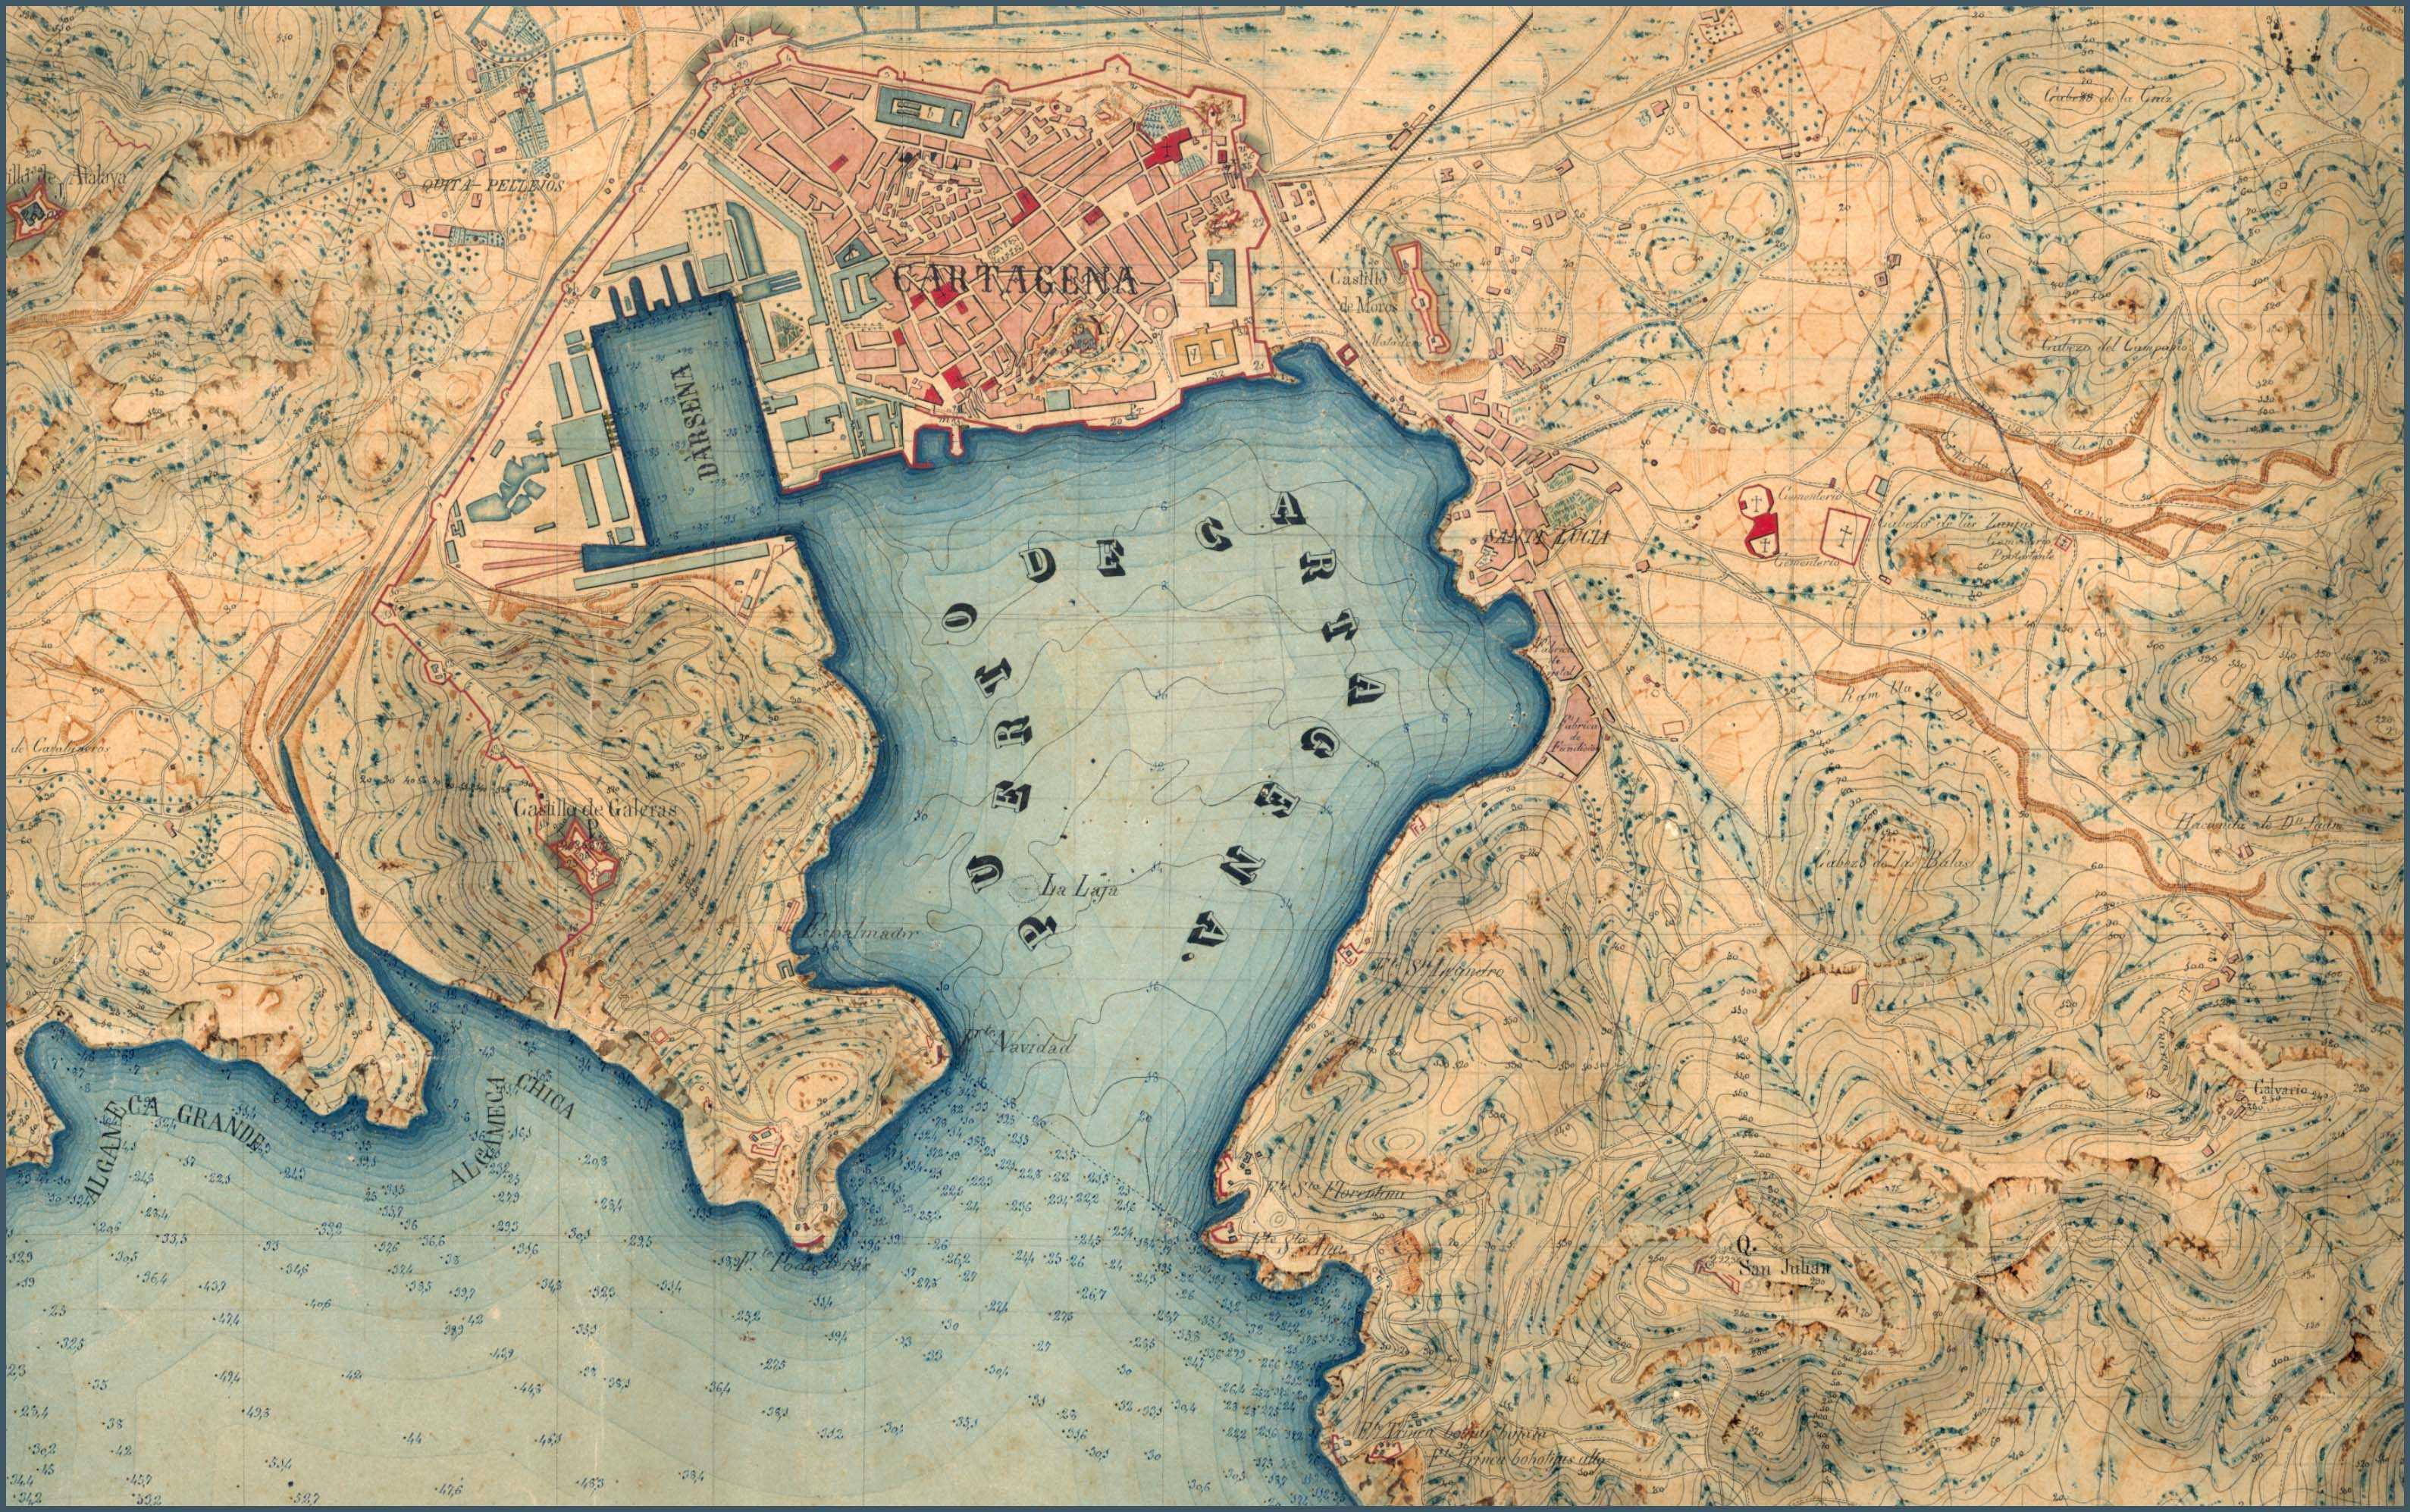 Plano de la Ciudad de Cartagena y arsenal 1860